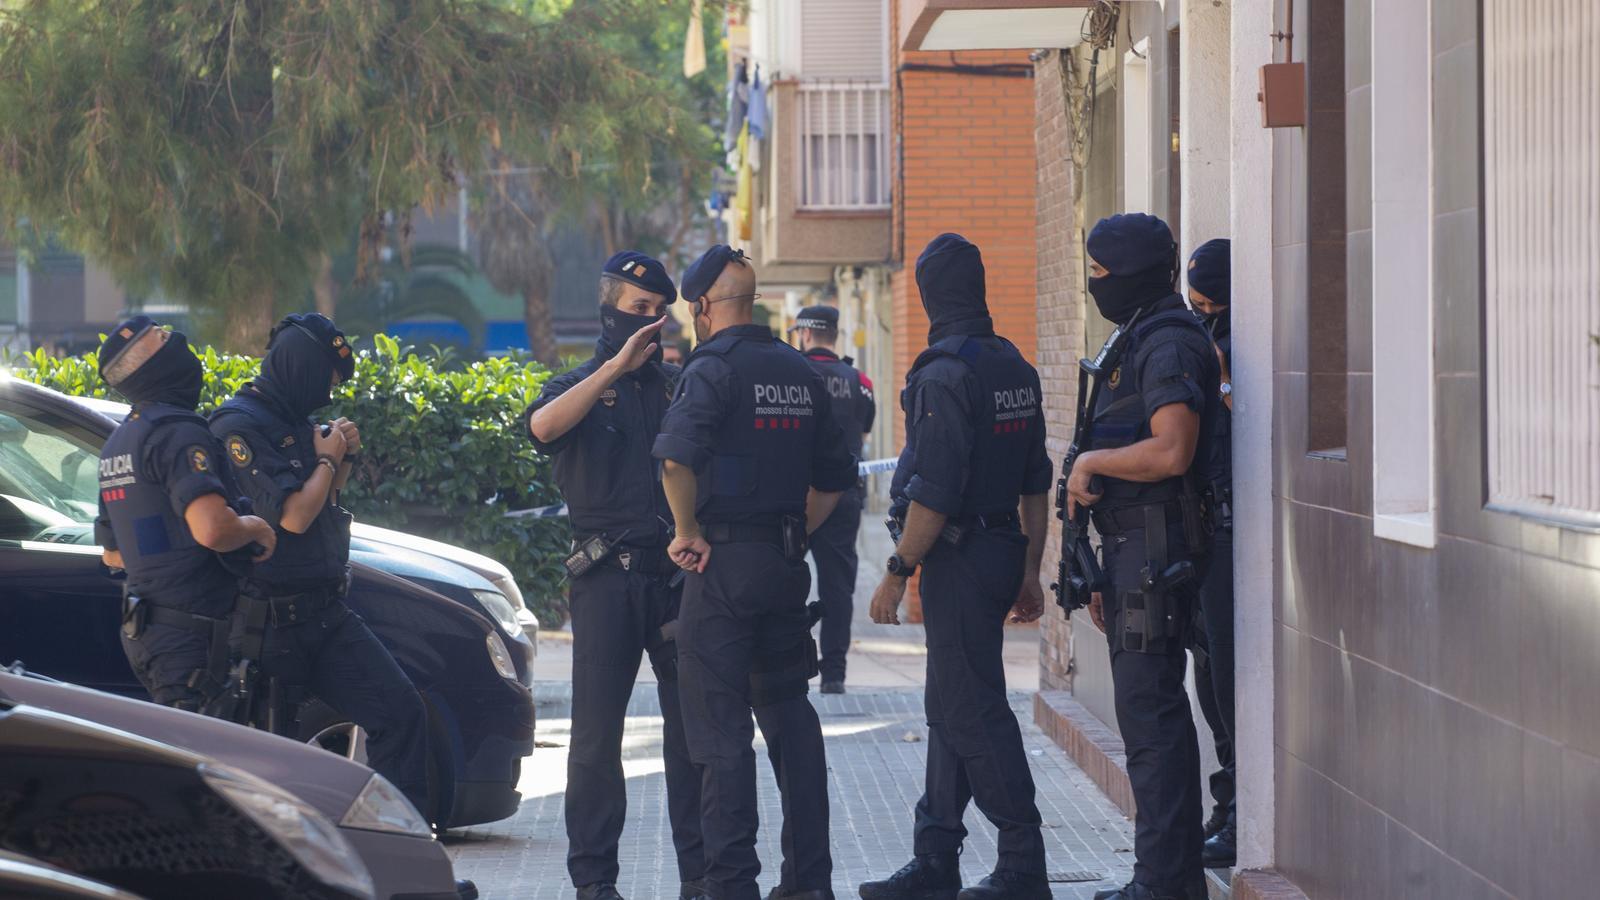 Els Mossos escorcollen el pis de l'atacant abatut a la comissaria de Cornellà de Llobregat